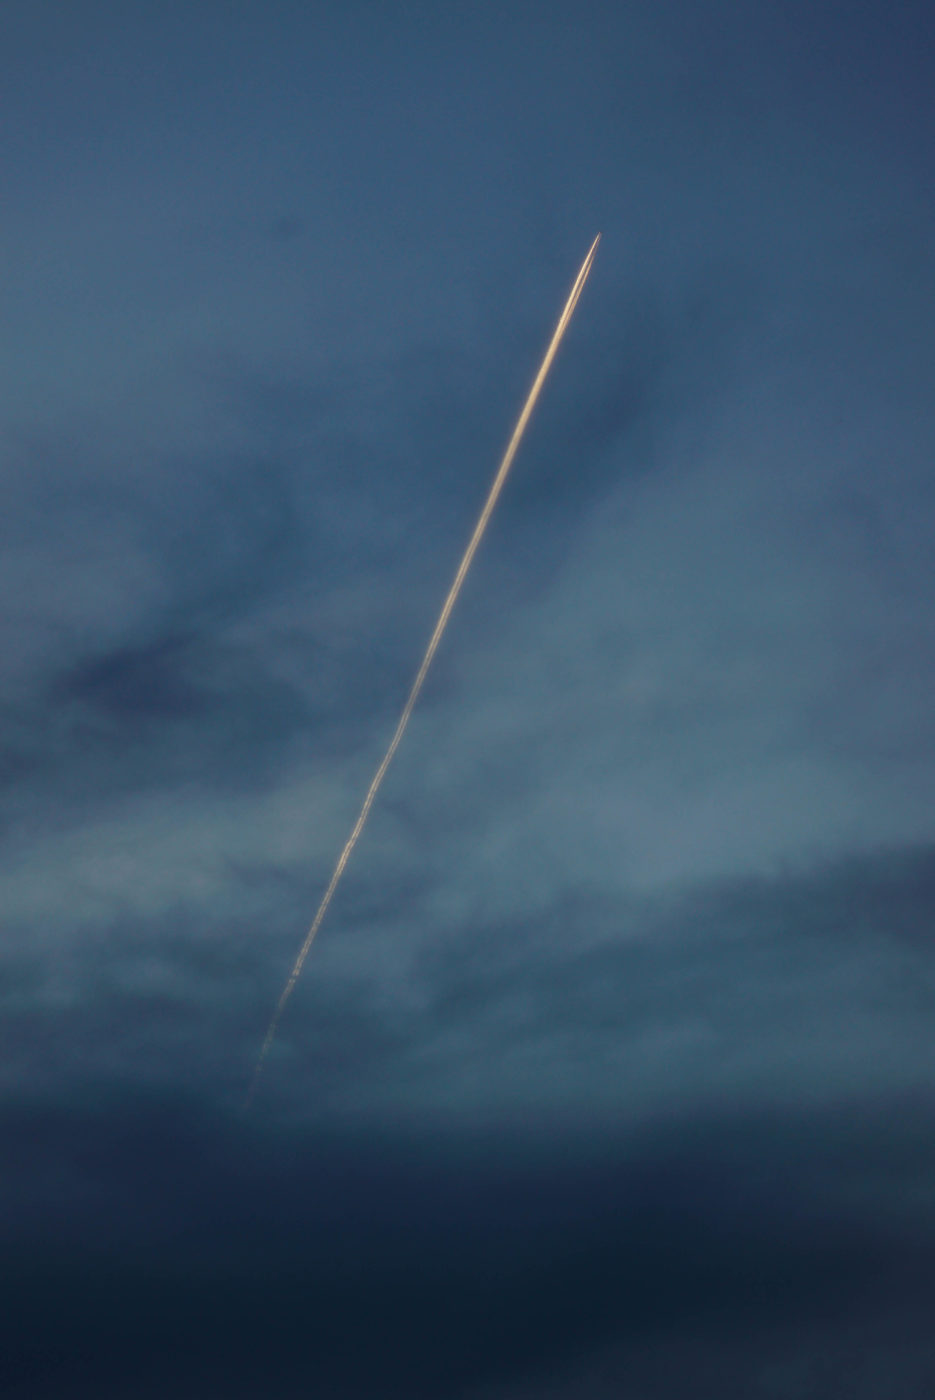 Die Sonne ist schon untergegangen, hoch am Himmel Fliegt ein Flugzeug dessen Kondensstreifen noch von der Sonne beleuchtet wird